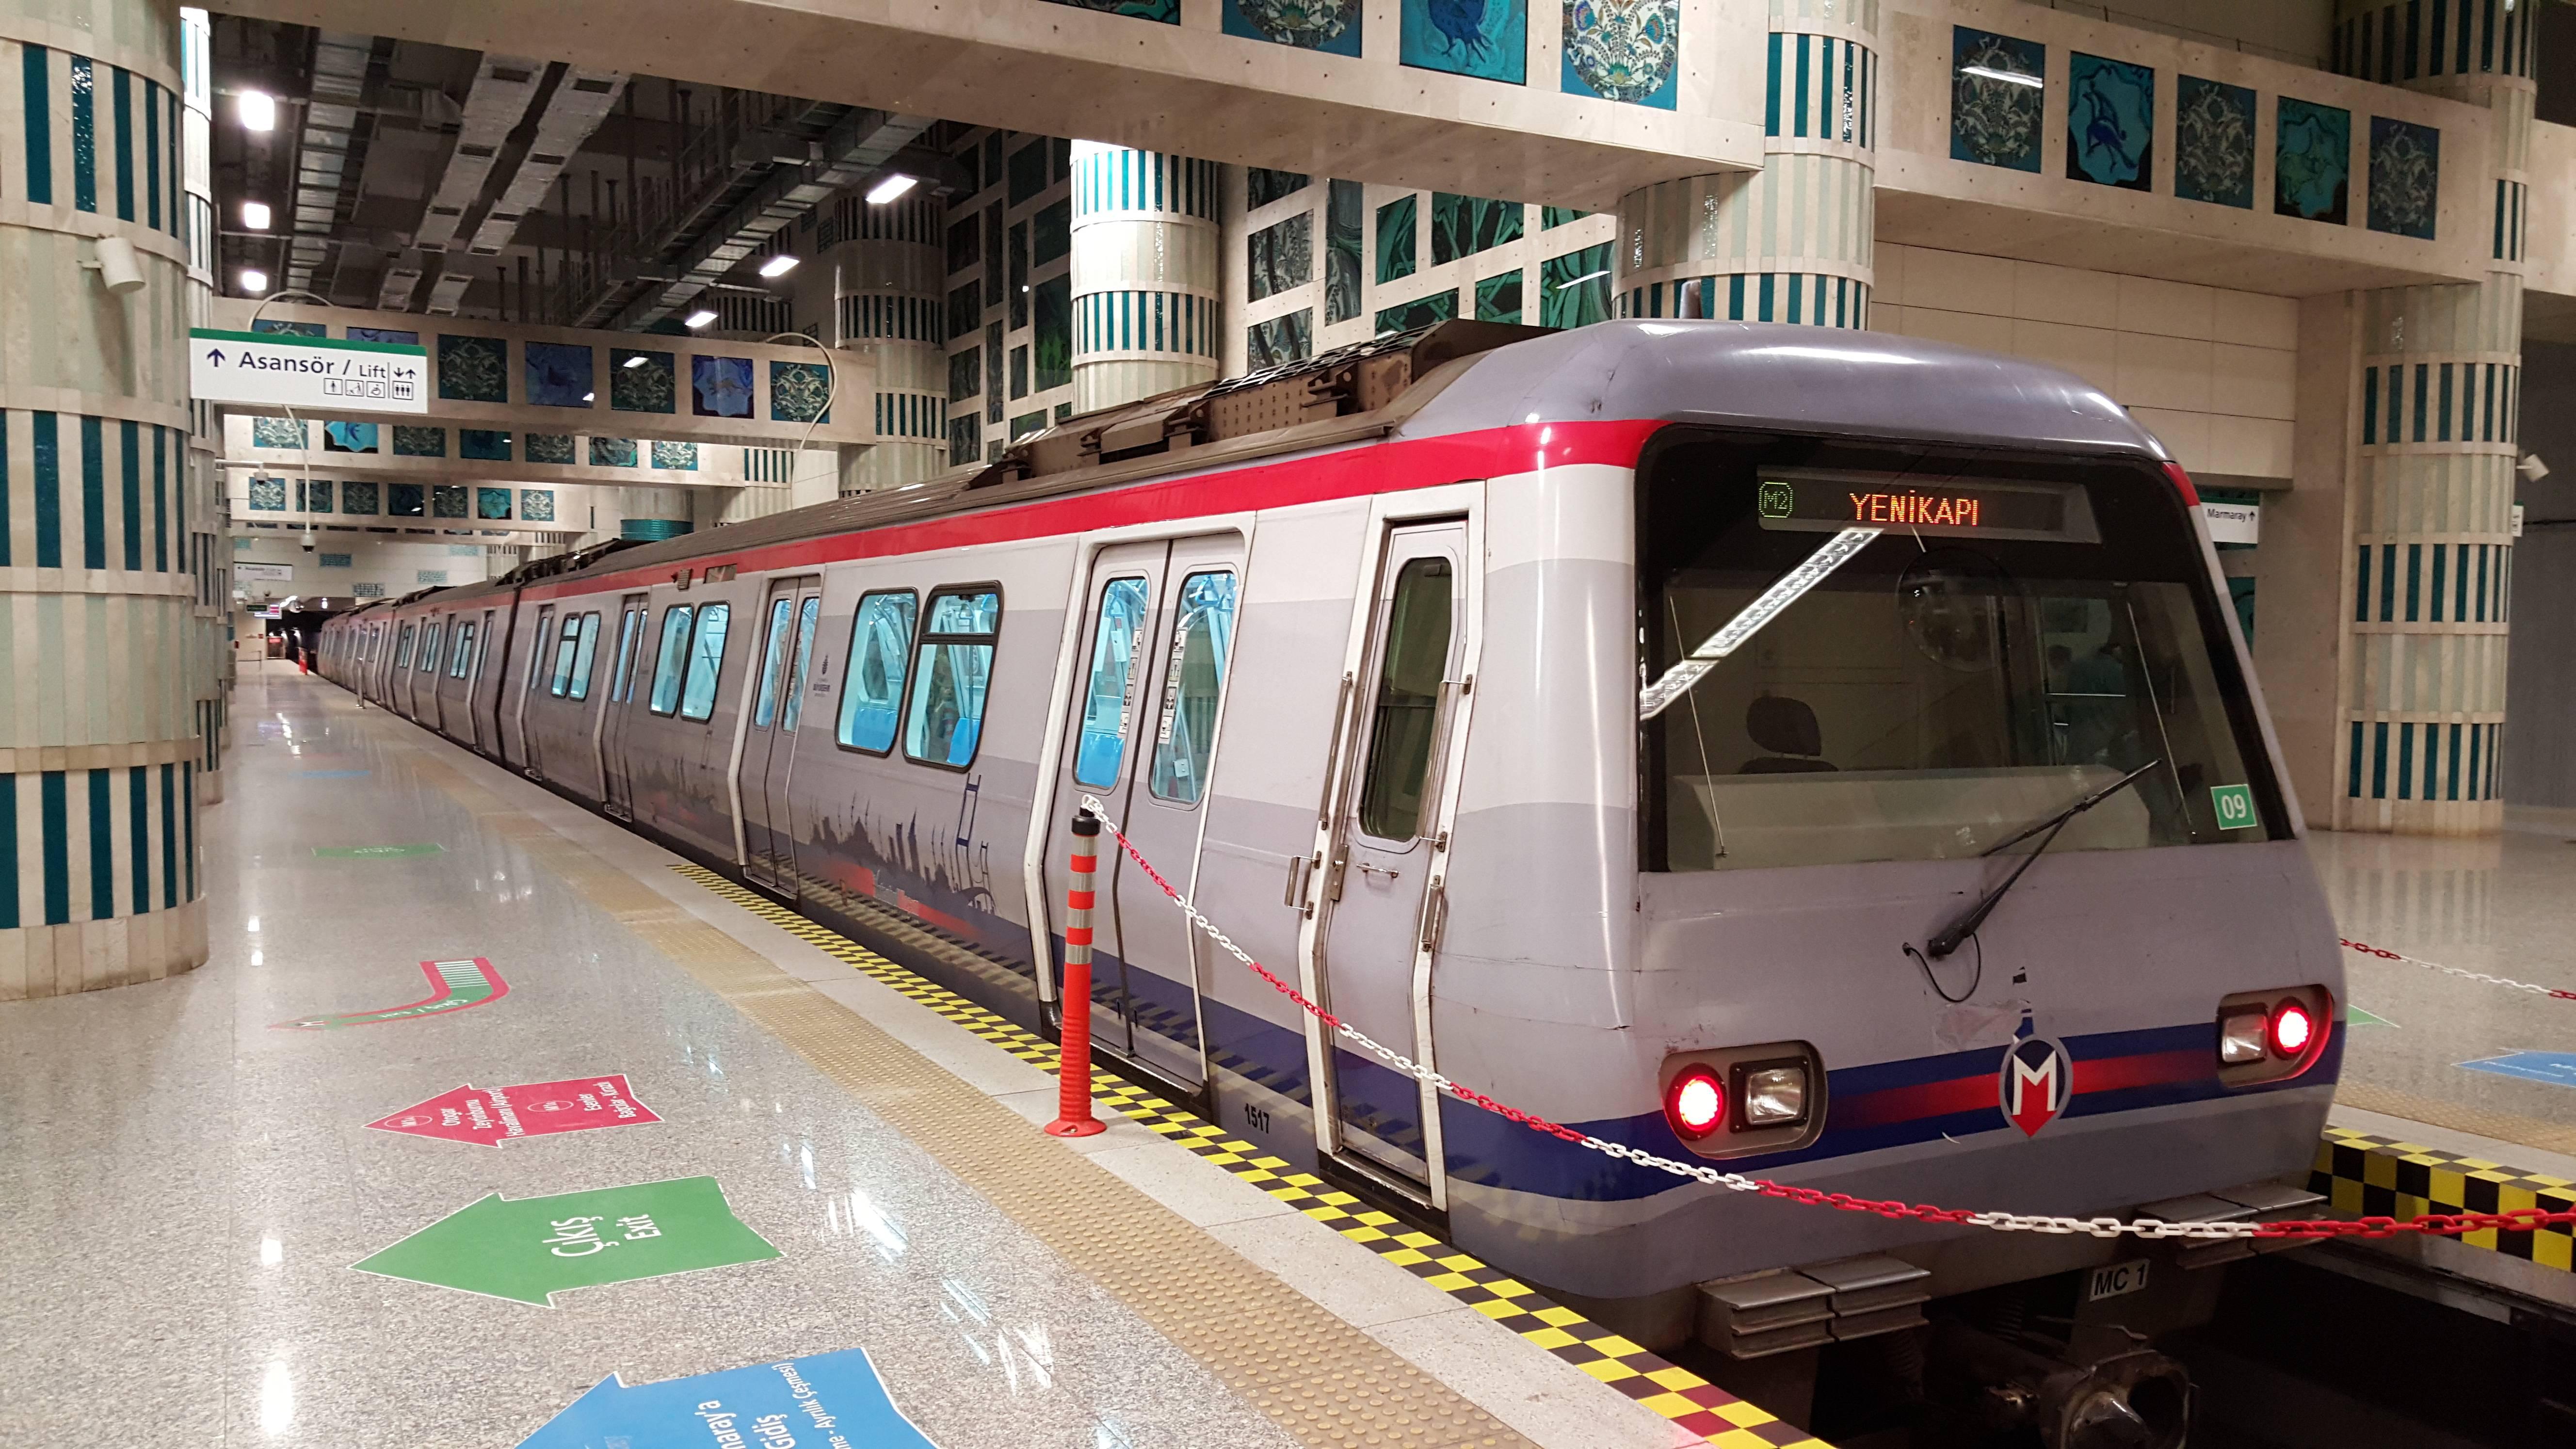 Метро стамбула: схема города, время работы и стоимость